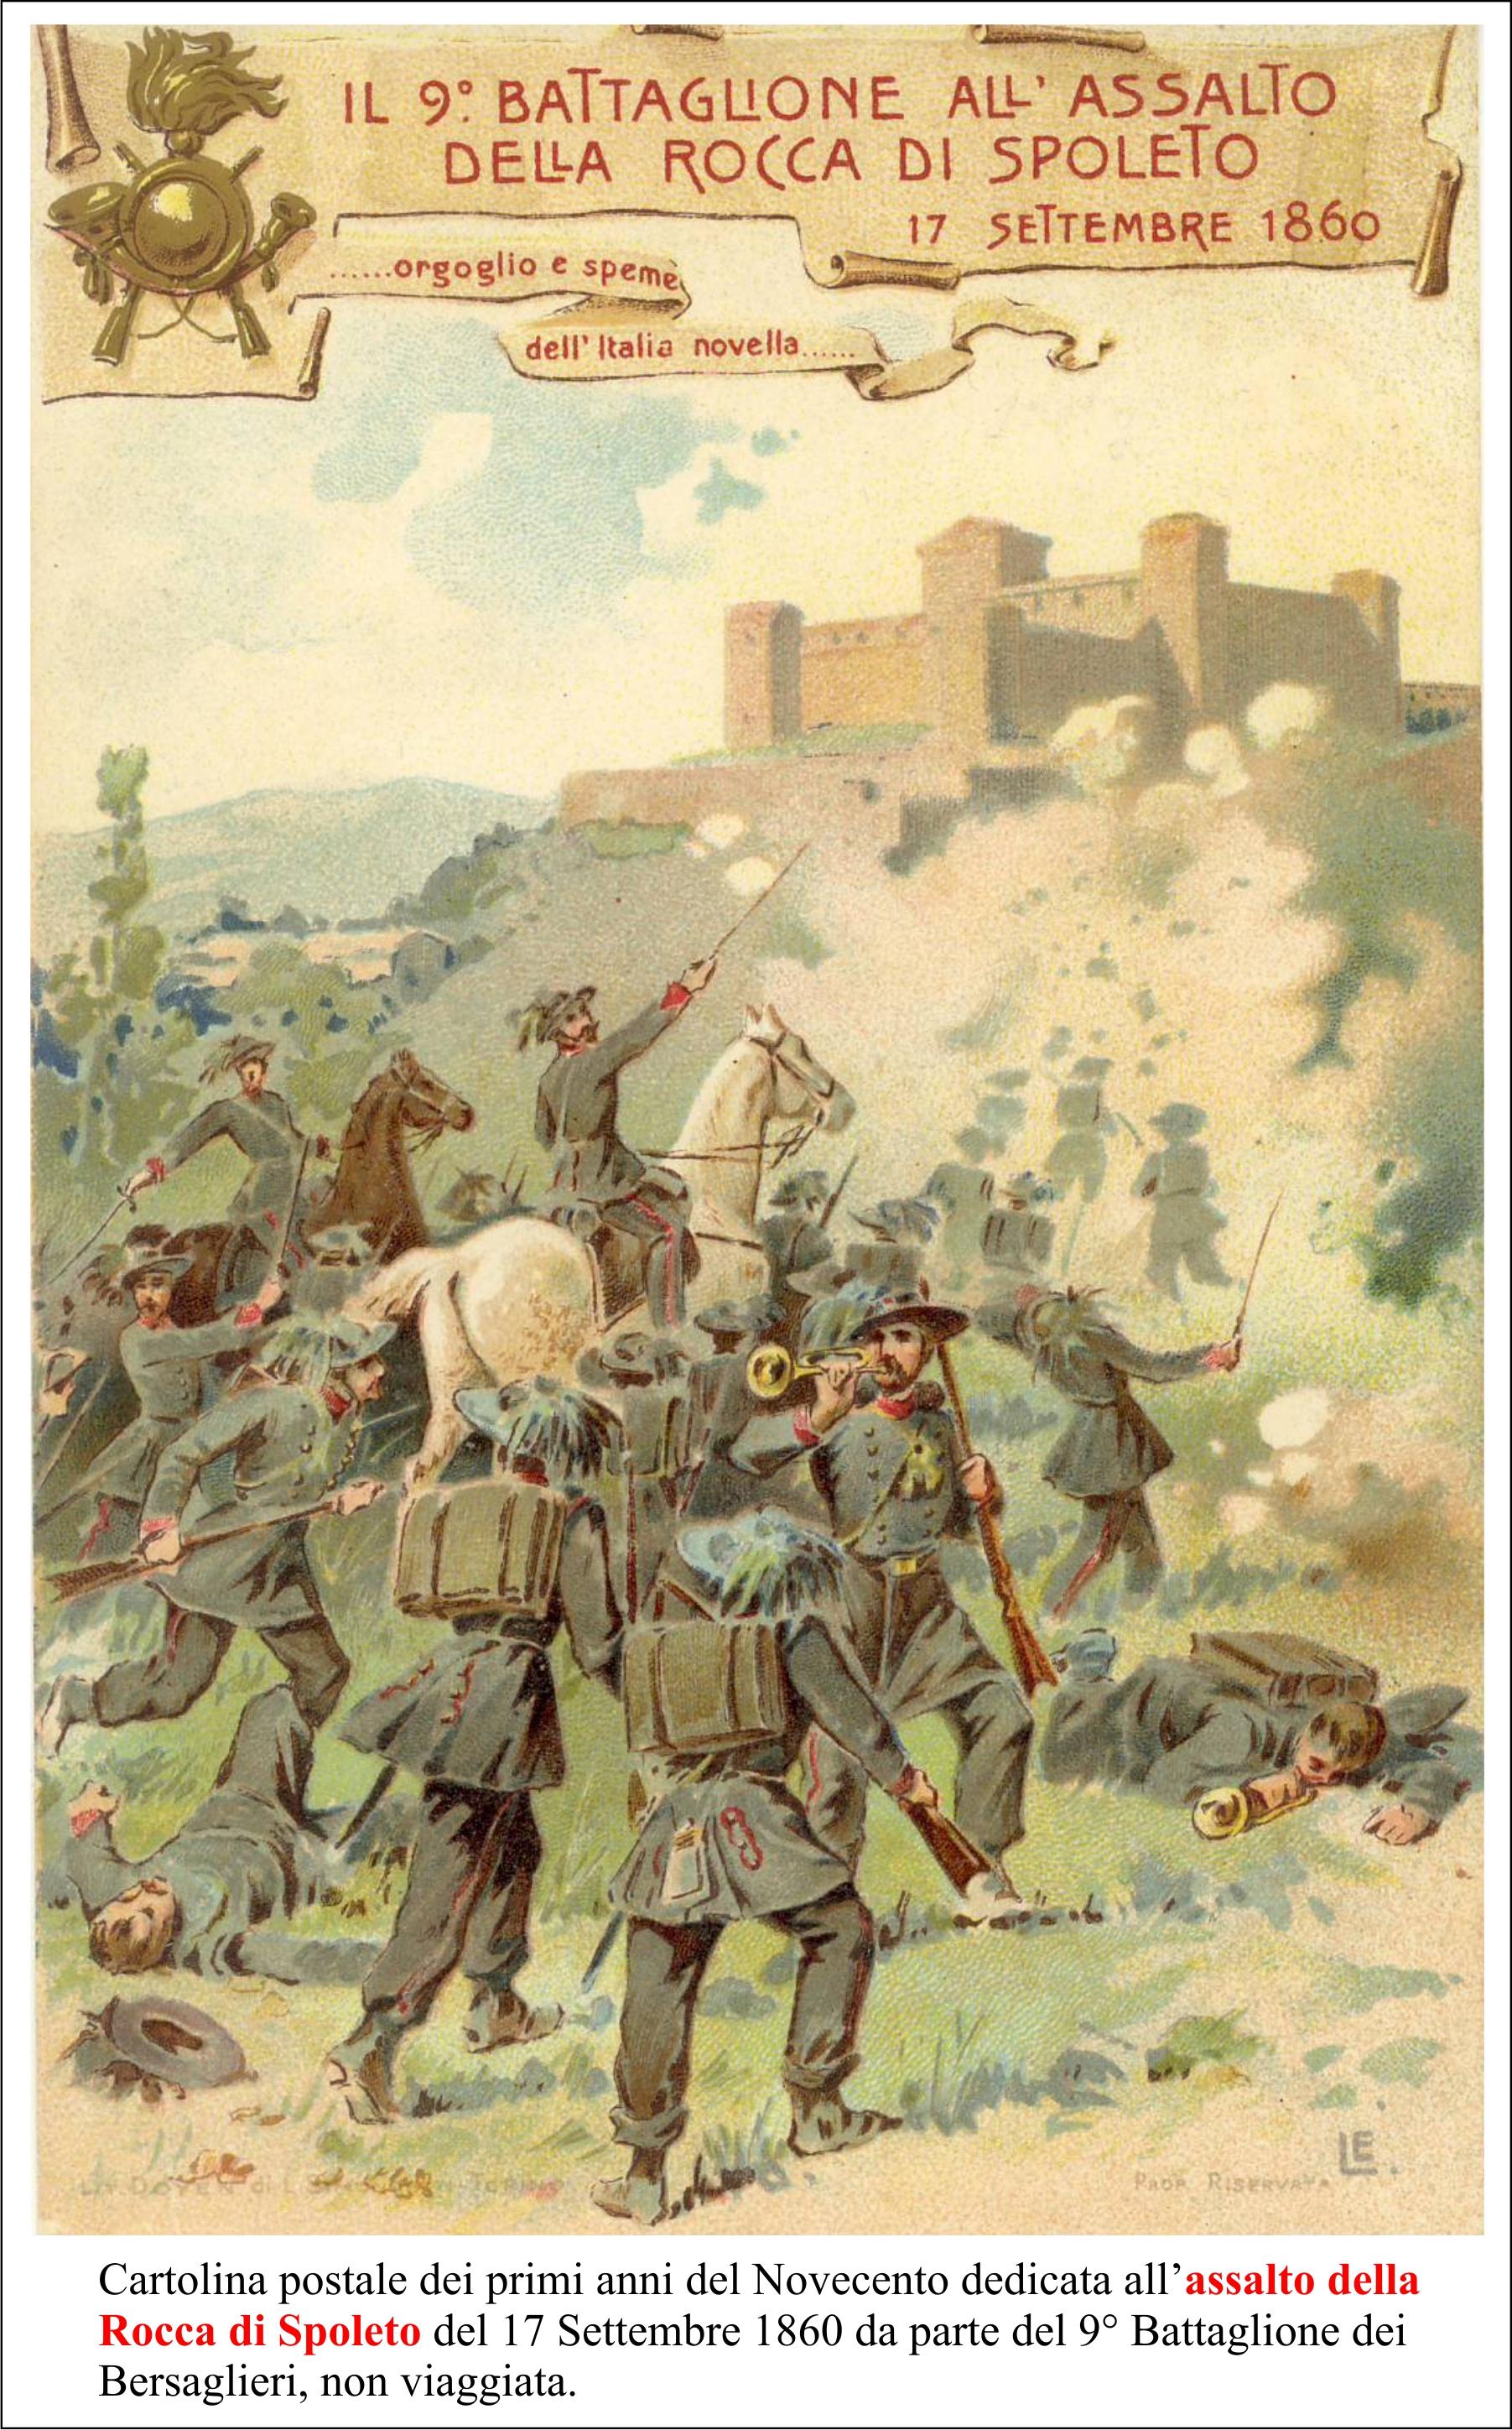 Assalto alla Rocca di Spoleto definitivo